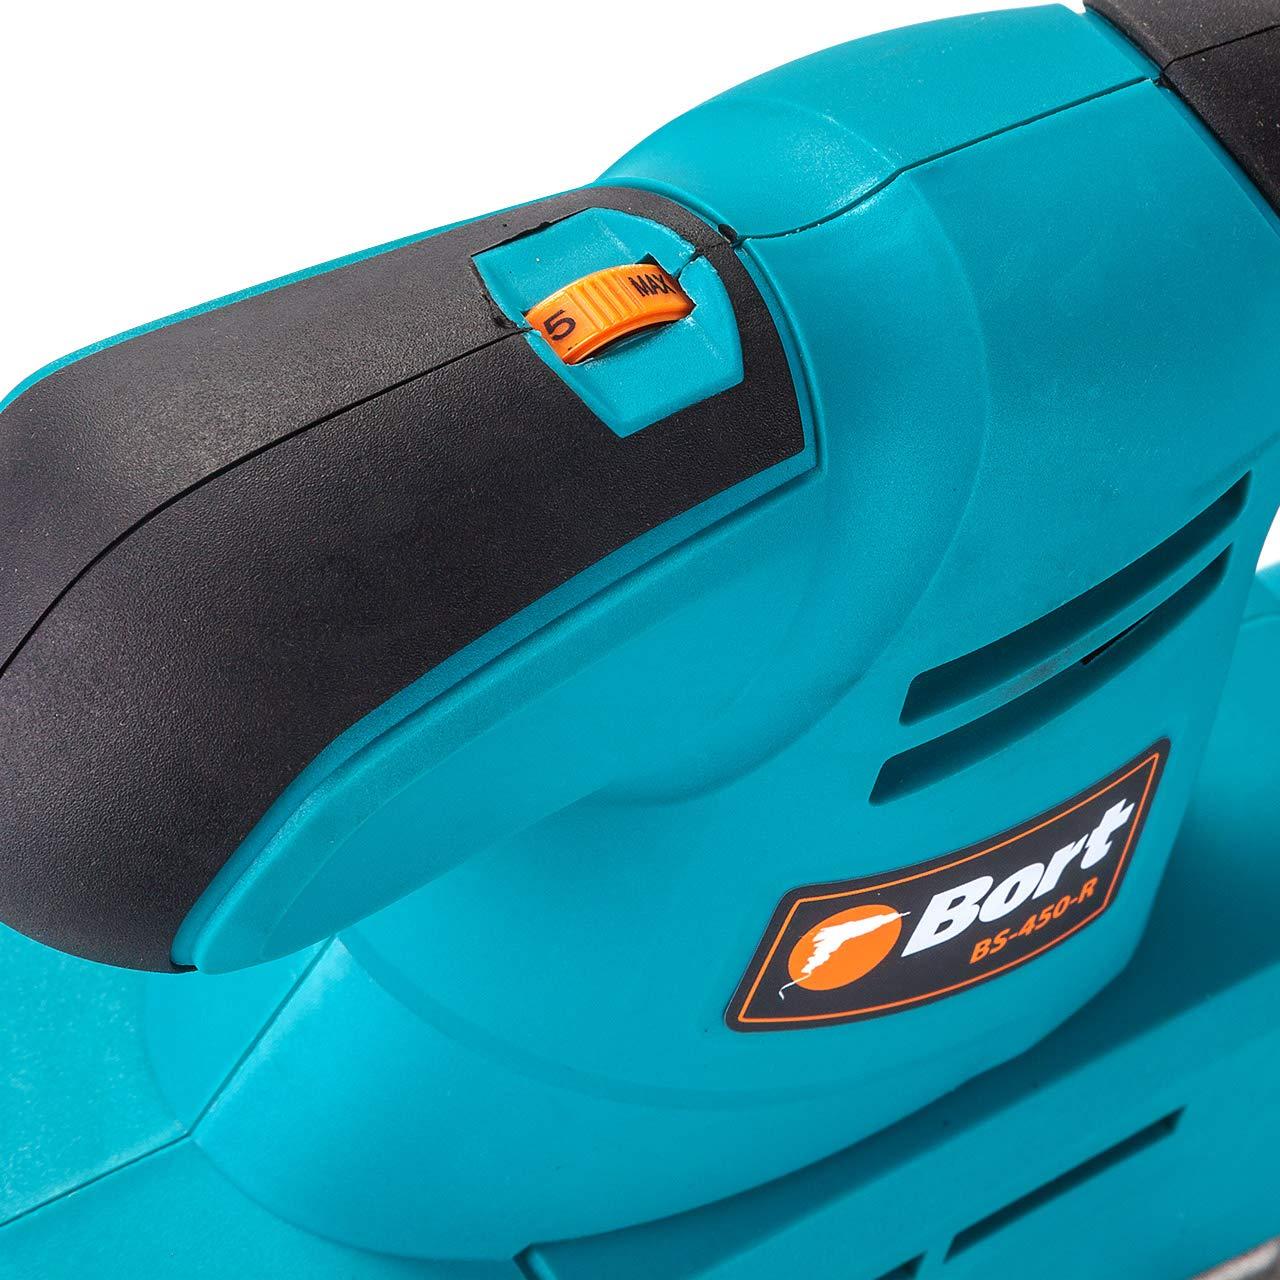 400 W 7000-12000 rpm,incluye papel de lija superficie de lijado 115 x 230 mm Bort BS-450-R bolsa para el polvo y juego de escobillas de carb/ón Lijadora orbital con regulador de velocidad